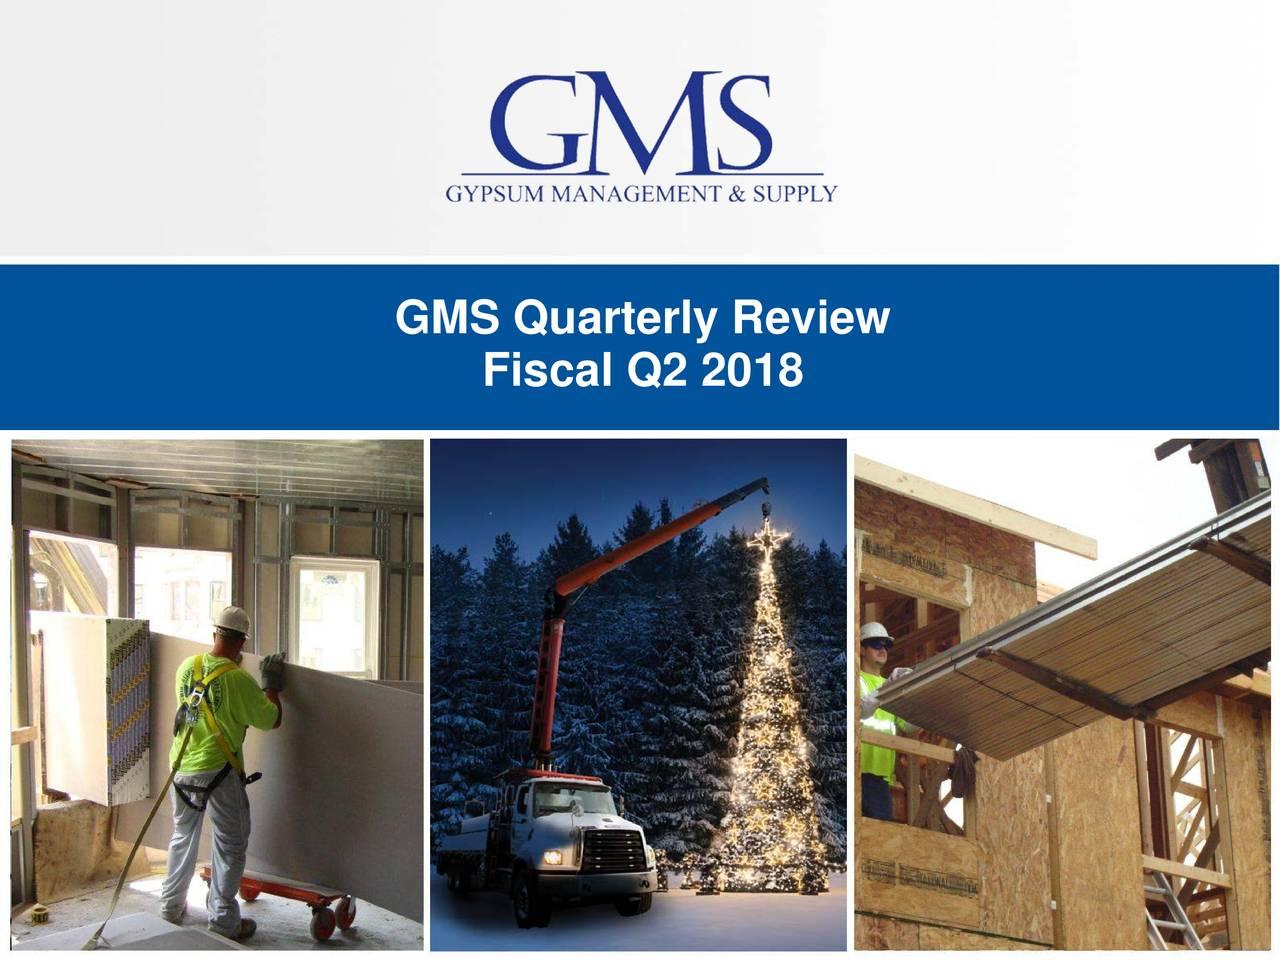 GMS Quarterly Review